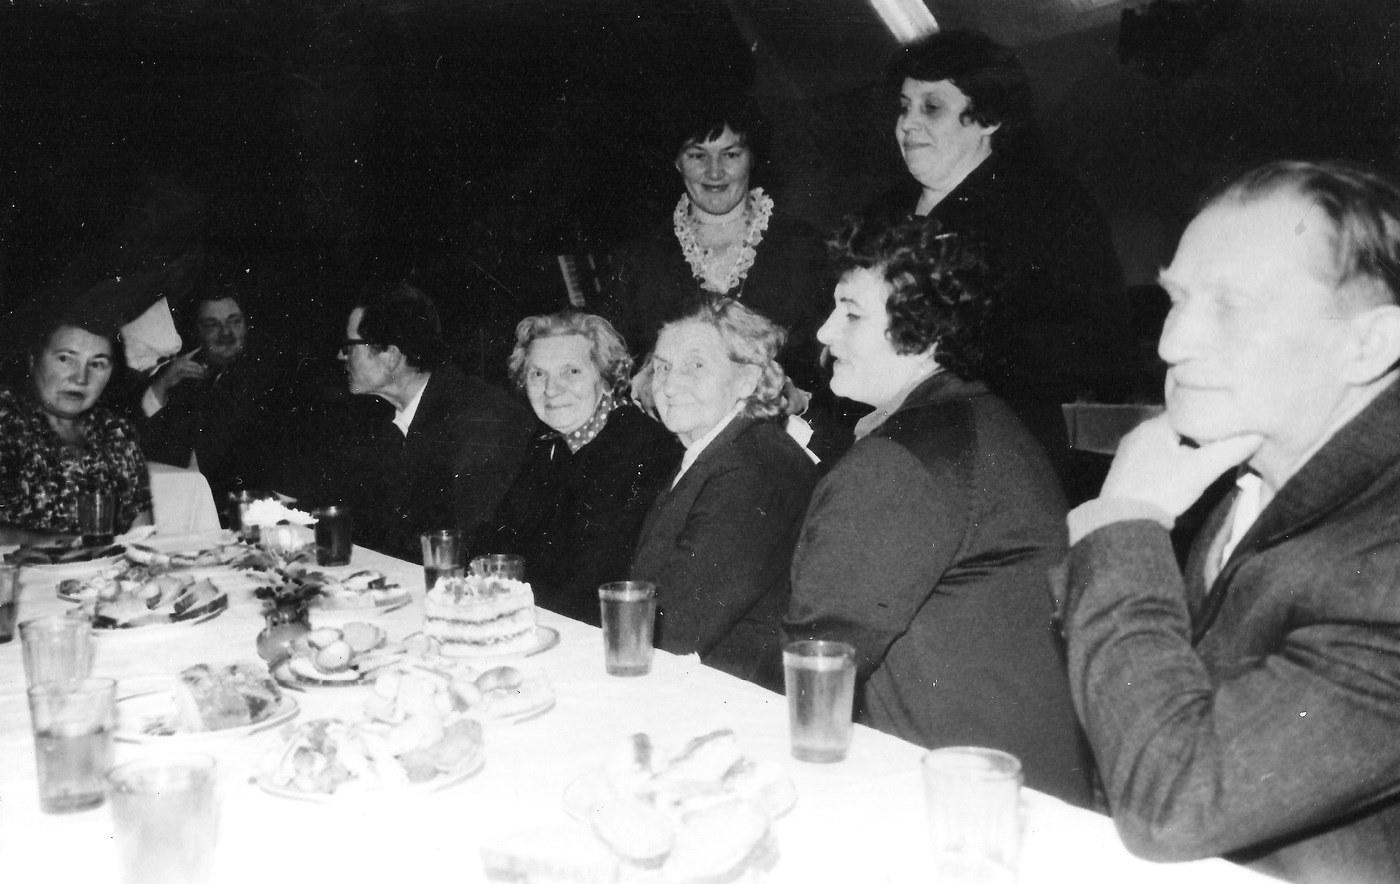 Pensionāru vakars Valles kultūras namā 1985. gadā - 2